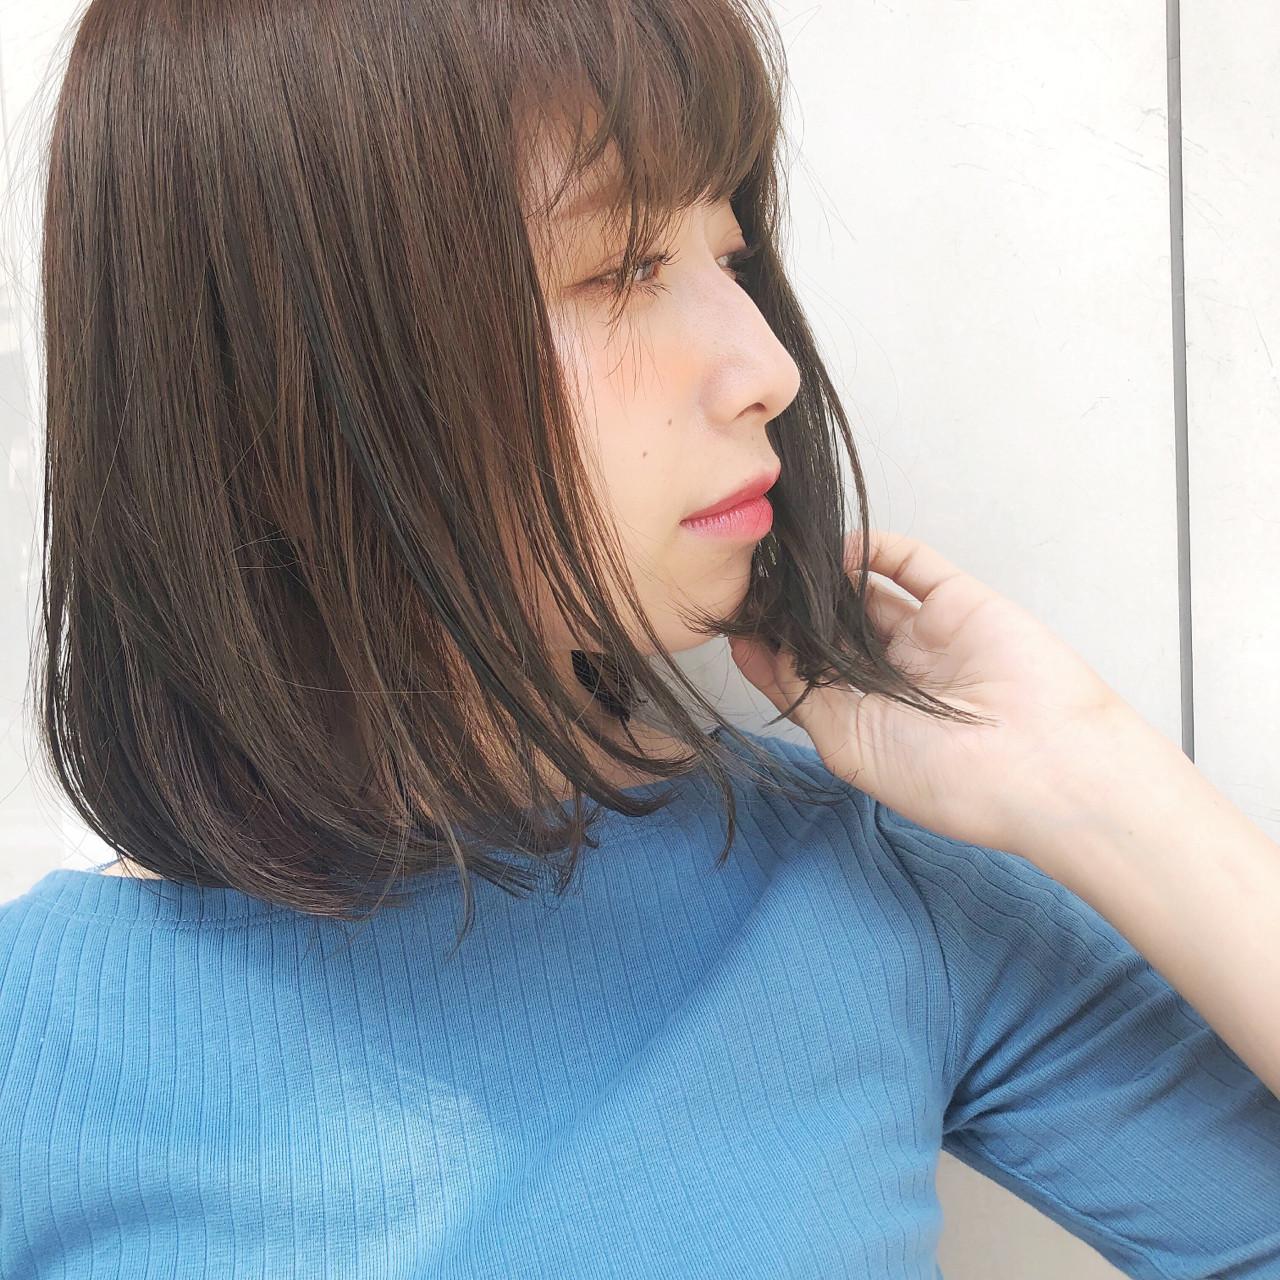 縮毛矯正 ボブ ミディアム オフィス ヘアスタイルや髪型の写真・画像 | [新宿]内田航 柔らかストレートとミディアムボブ / joemi by unami